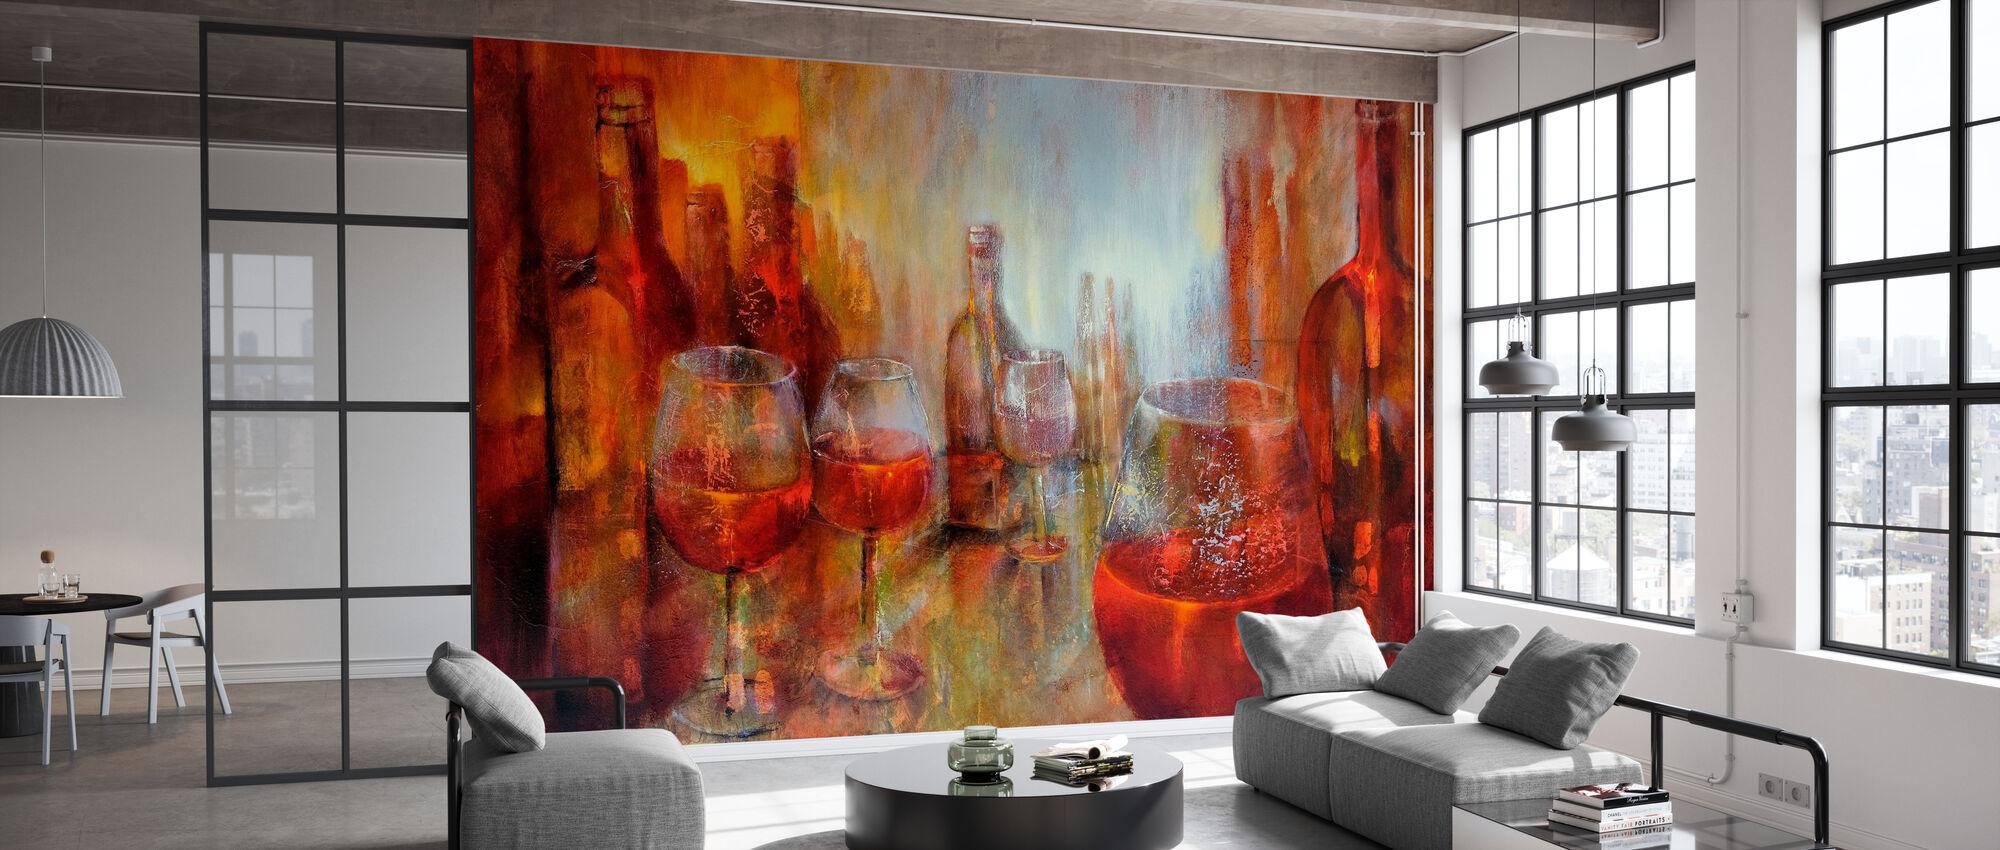 Later Burgundy - Wallpaper - Office